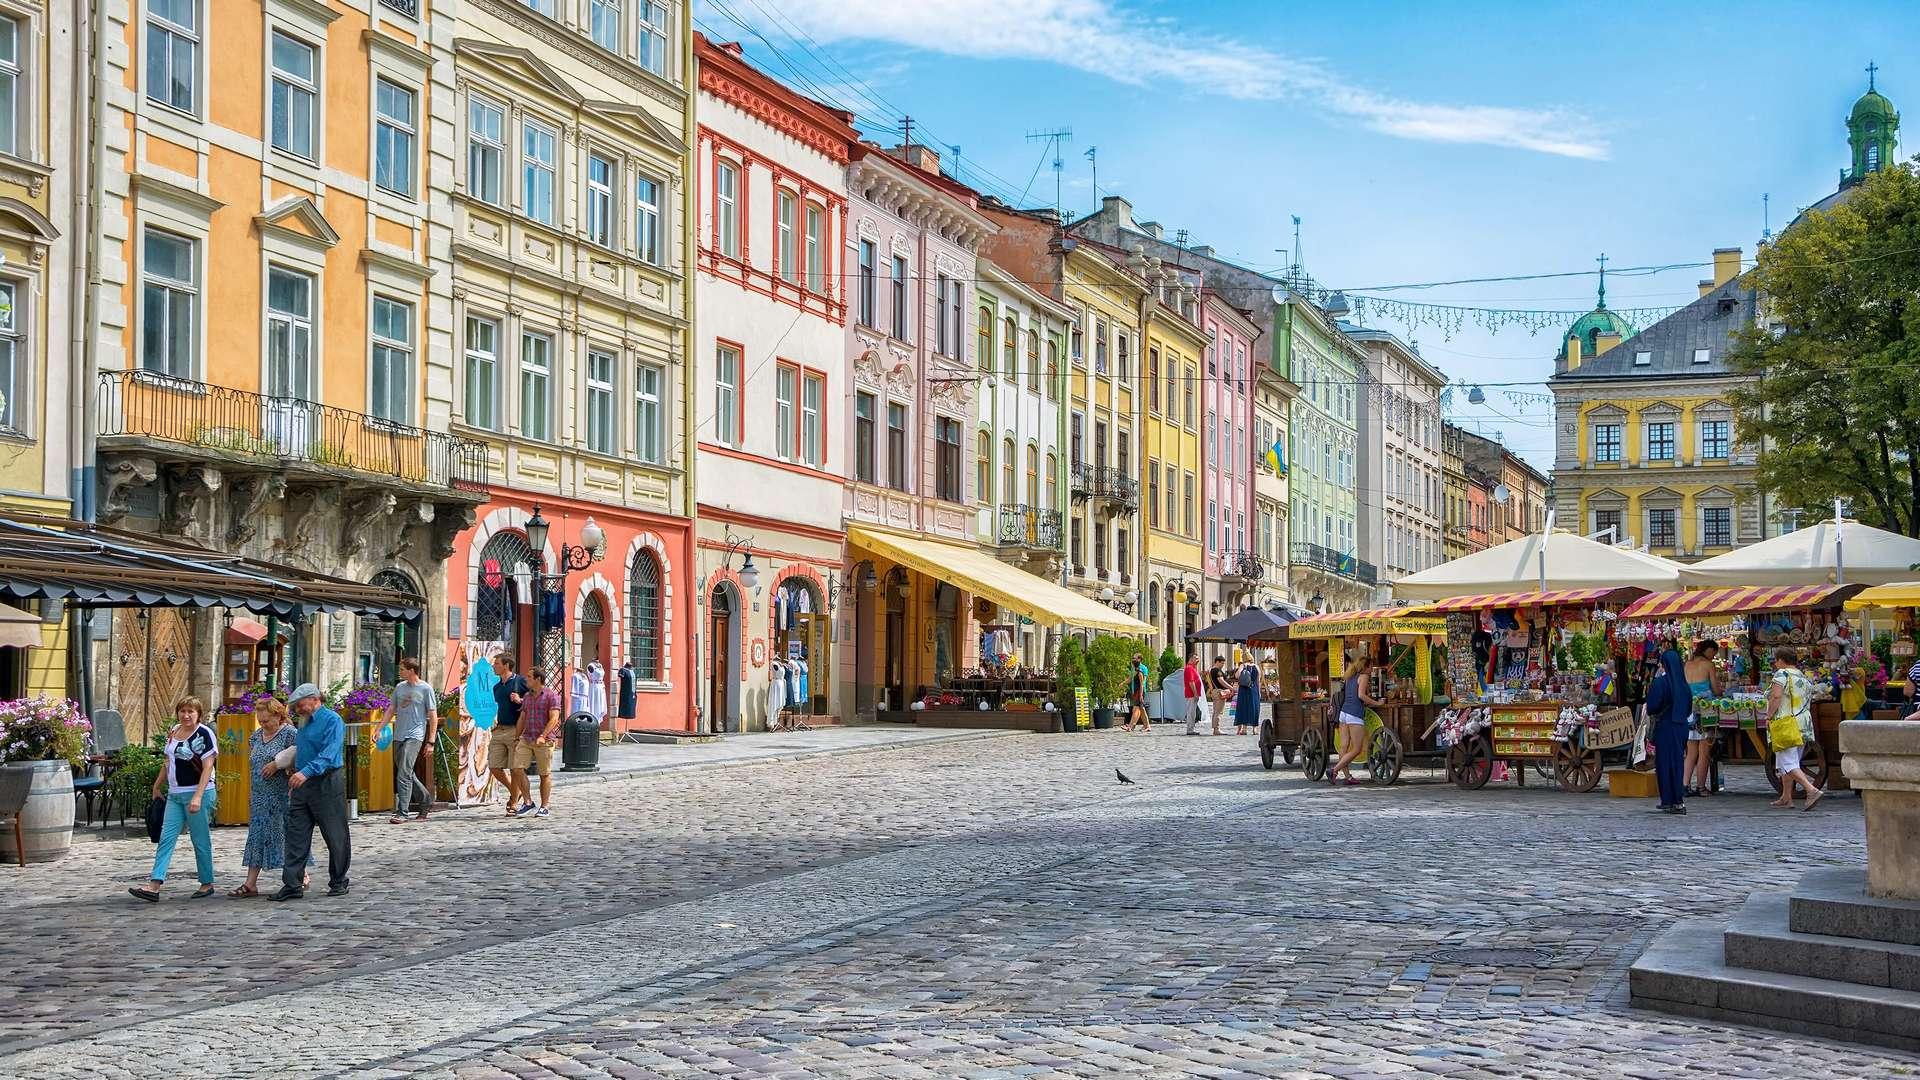 Tania wycieczka firmowa do Lwowa